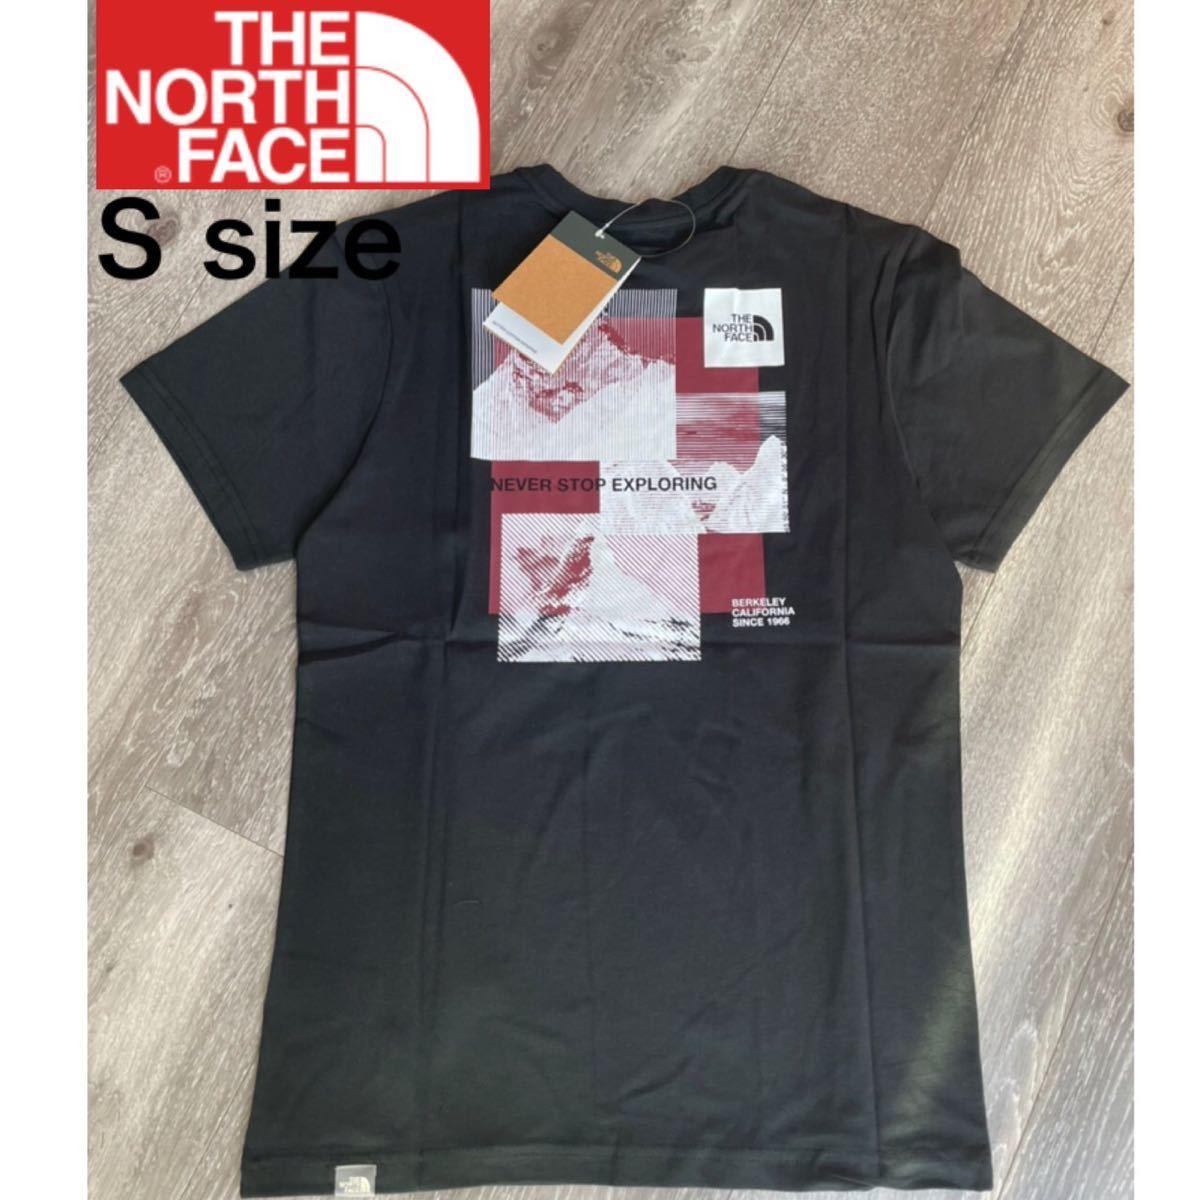 ザ ノースフェイス Tシャツ ストライプミックス S 新品正規品 半袖 tシャツ THE NORTH FACE 海外限定 メンズ